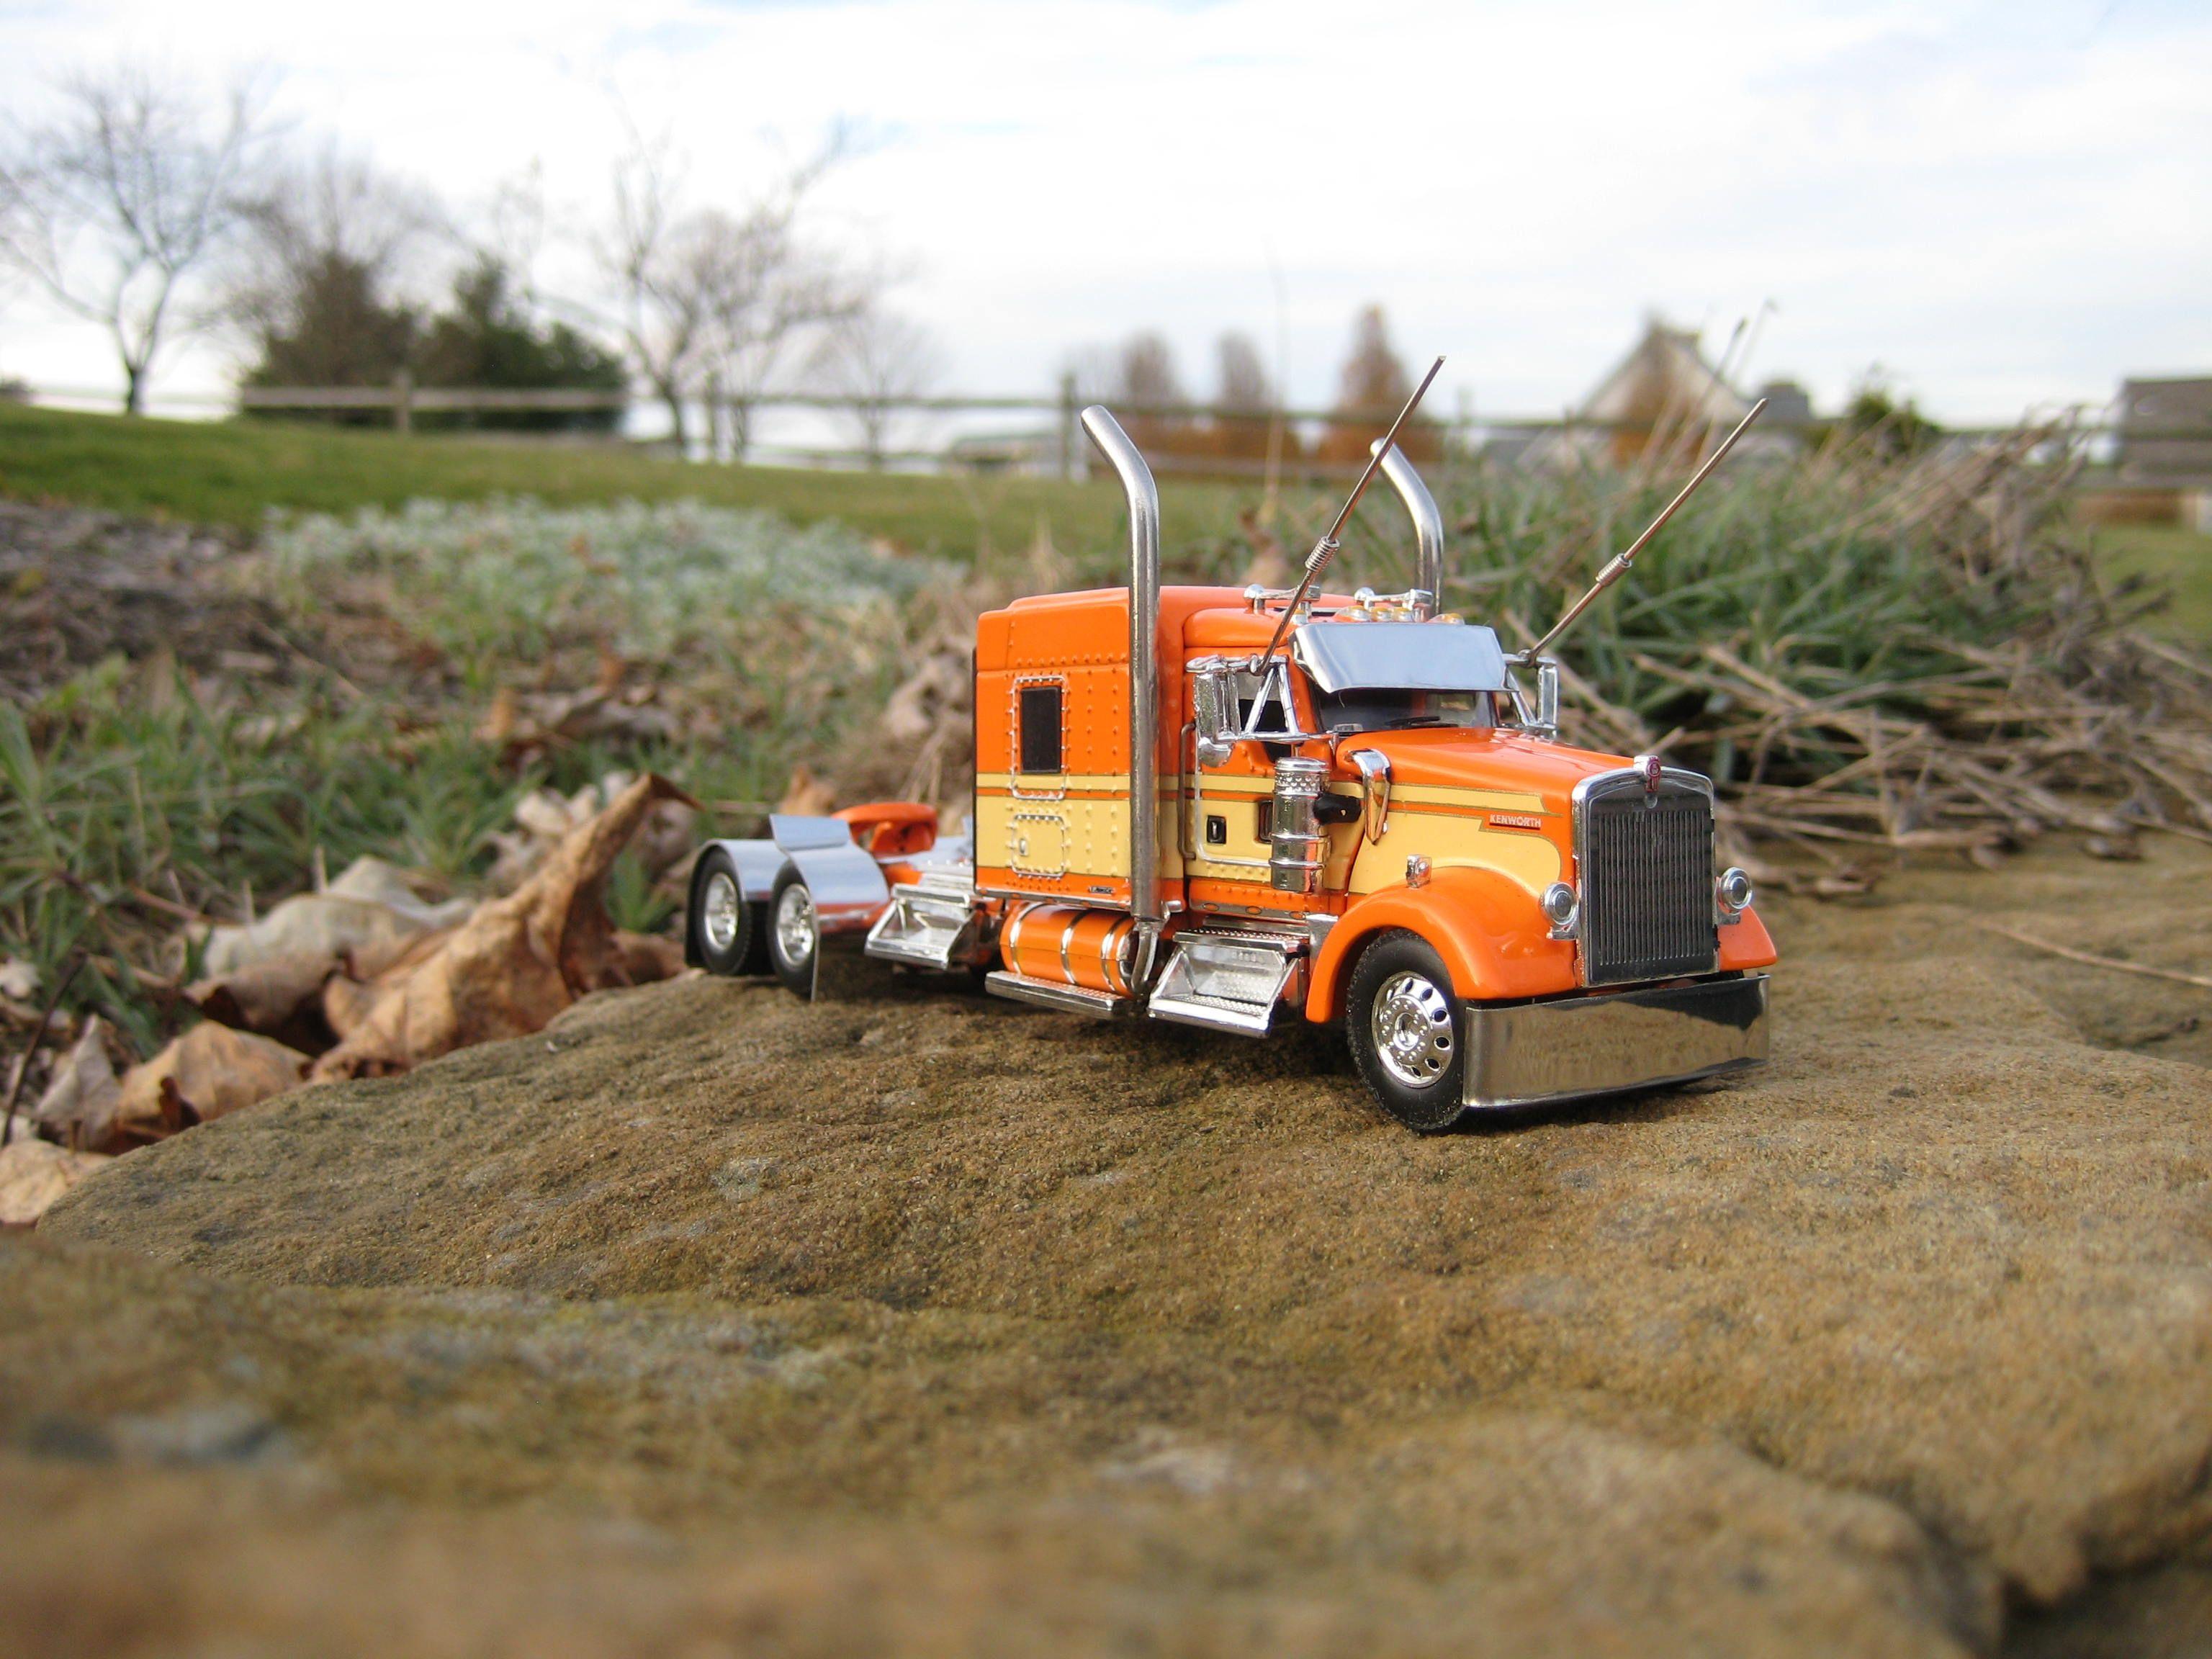 1 64 scale trucks and trailers - 1 64 Custom